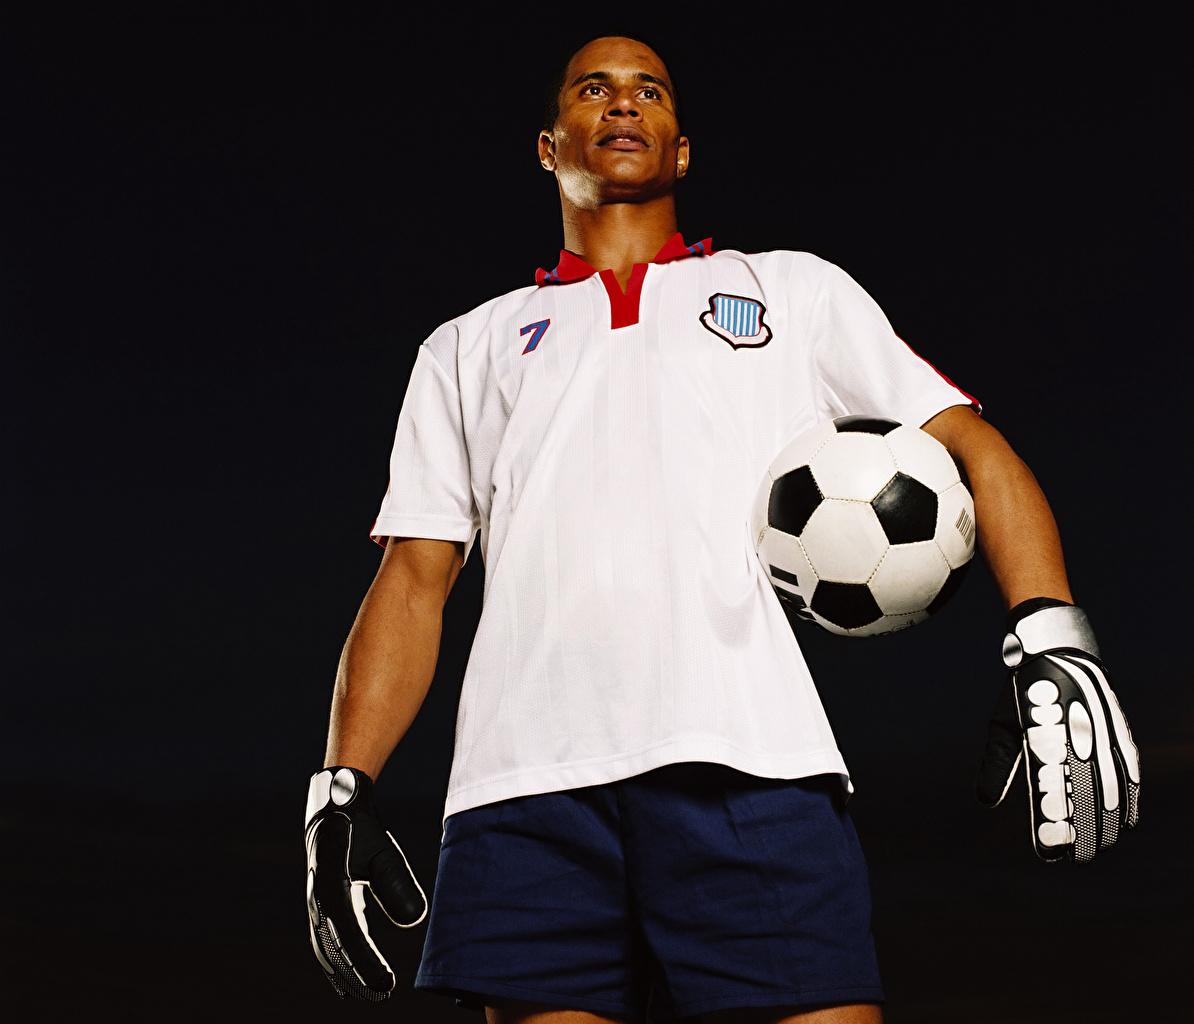 Фотографии мужчина Перчатки Футбол спортивные Мяч Униформа на черном фоне Мужчины перчатках Спорт спортивная спортивный Мячик униформе Черный фон